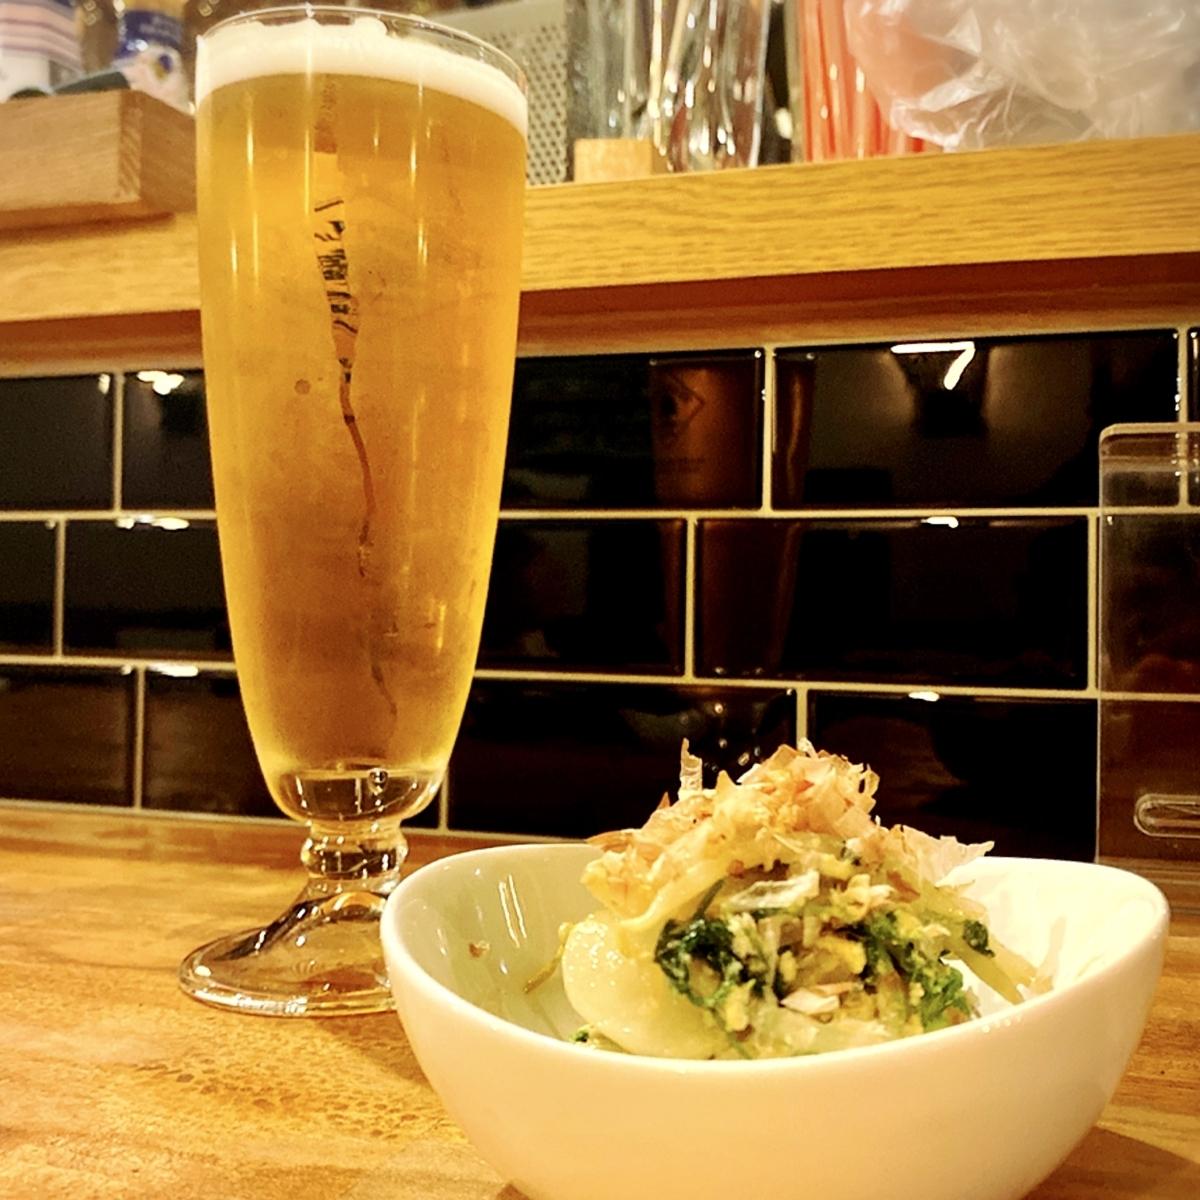 「八百屋バル 吉祥寺」は女子会やプチ宴会にひとり飲みにも利用できる野菜好きにはとてもいい居酒屋でした♪